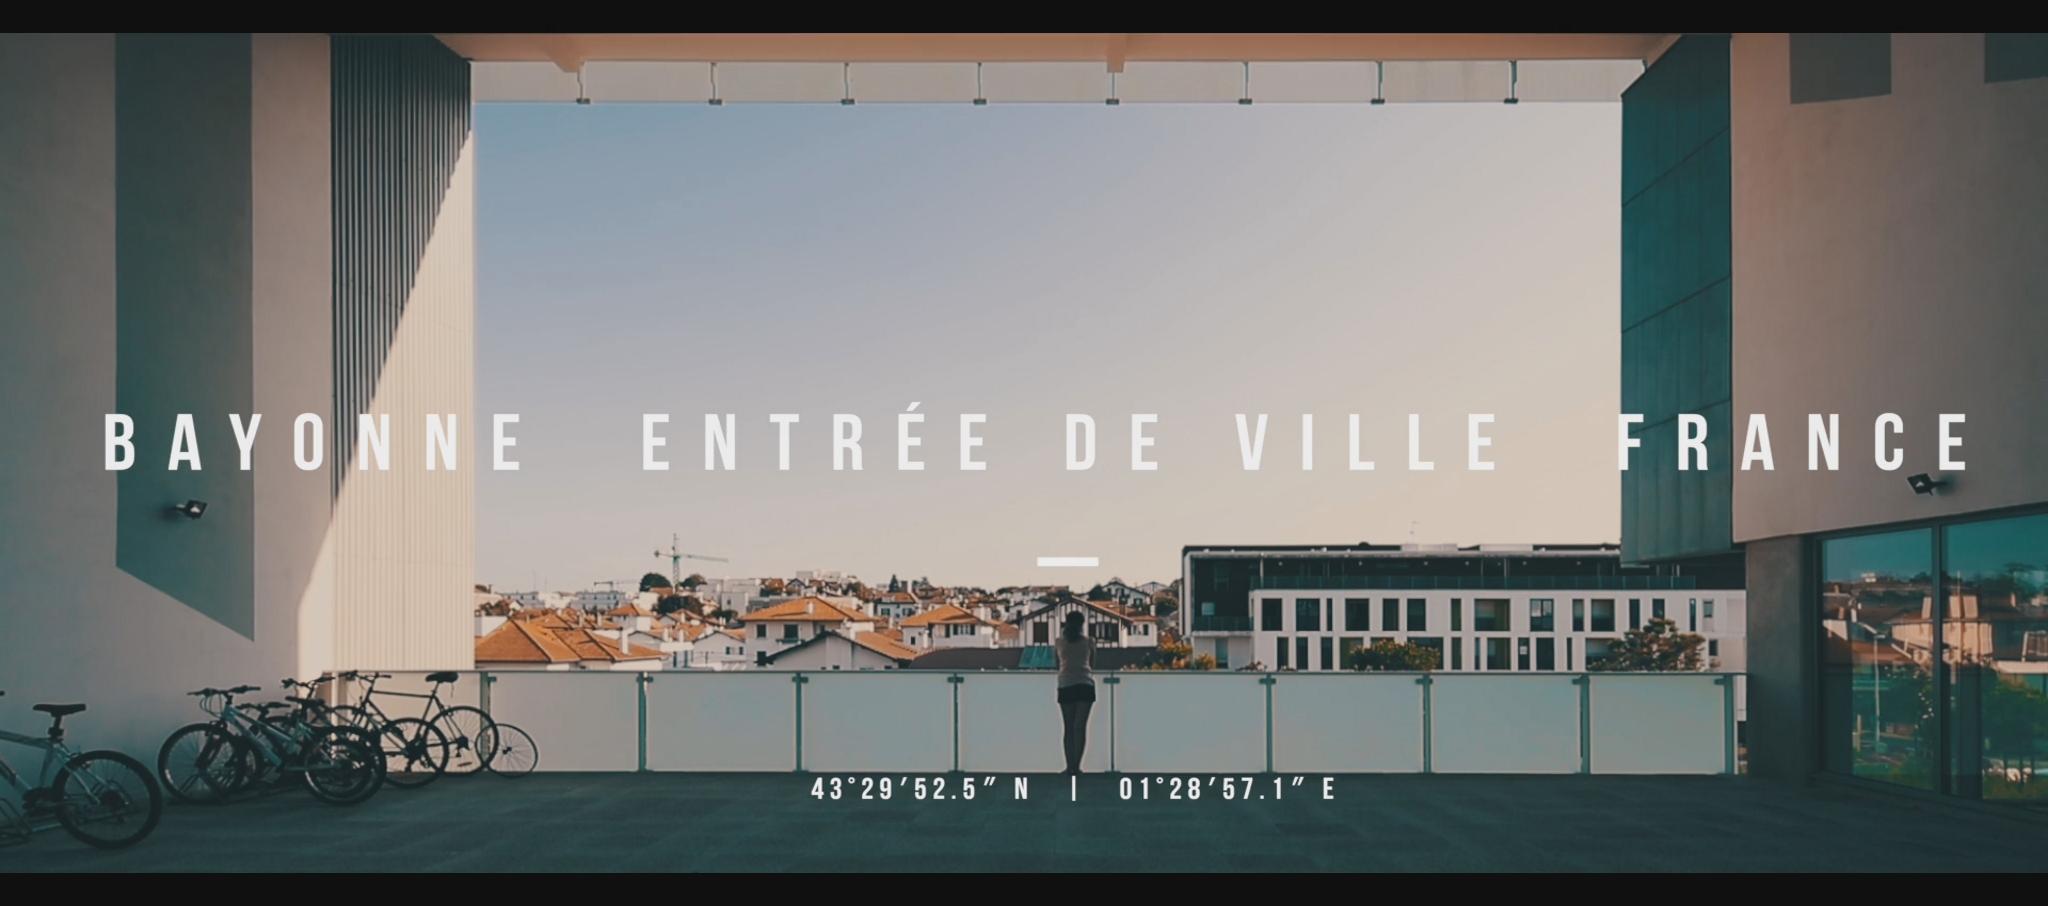 Bayonne entrée de ville France. Josep Lluis Mateo - Mateo Arquitectura. Video by Pablo Casals Aguirre